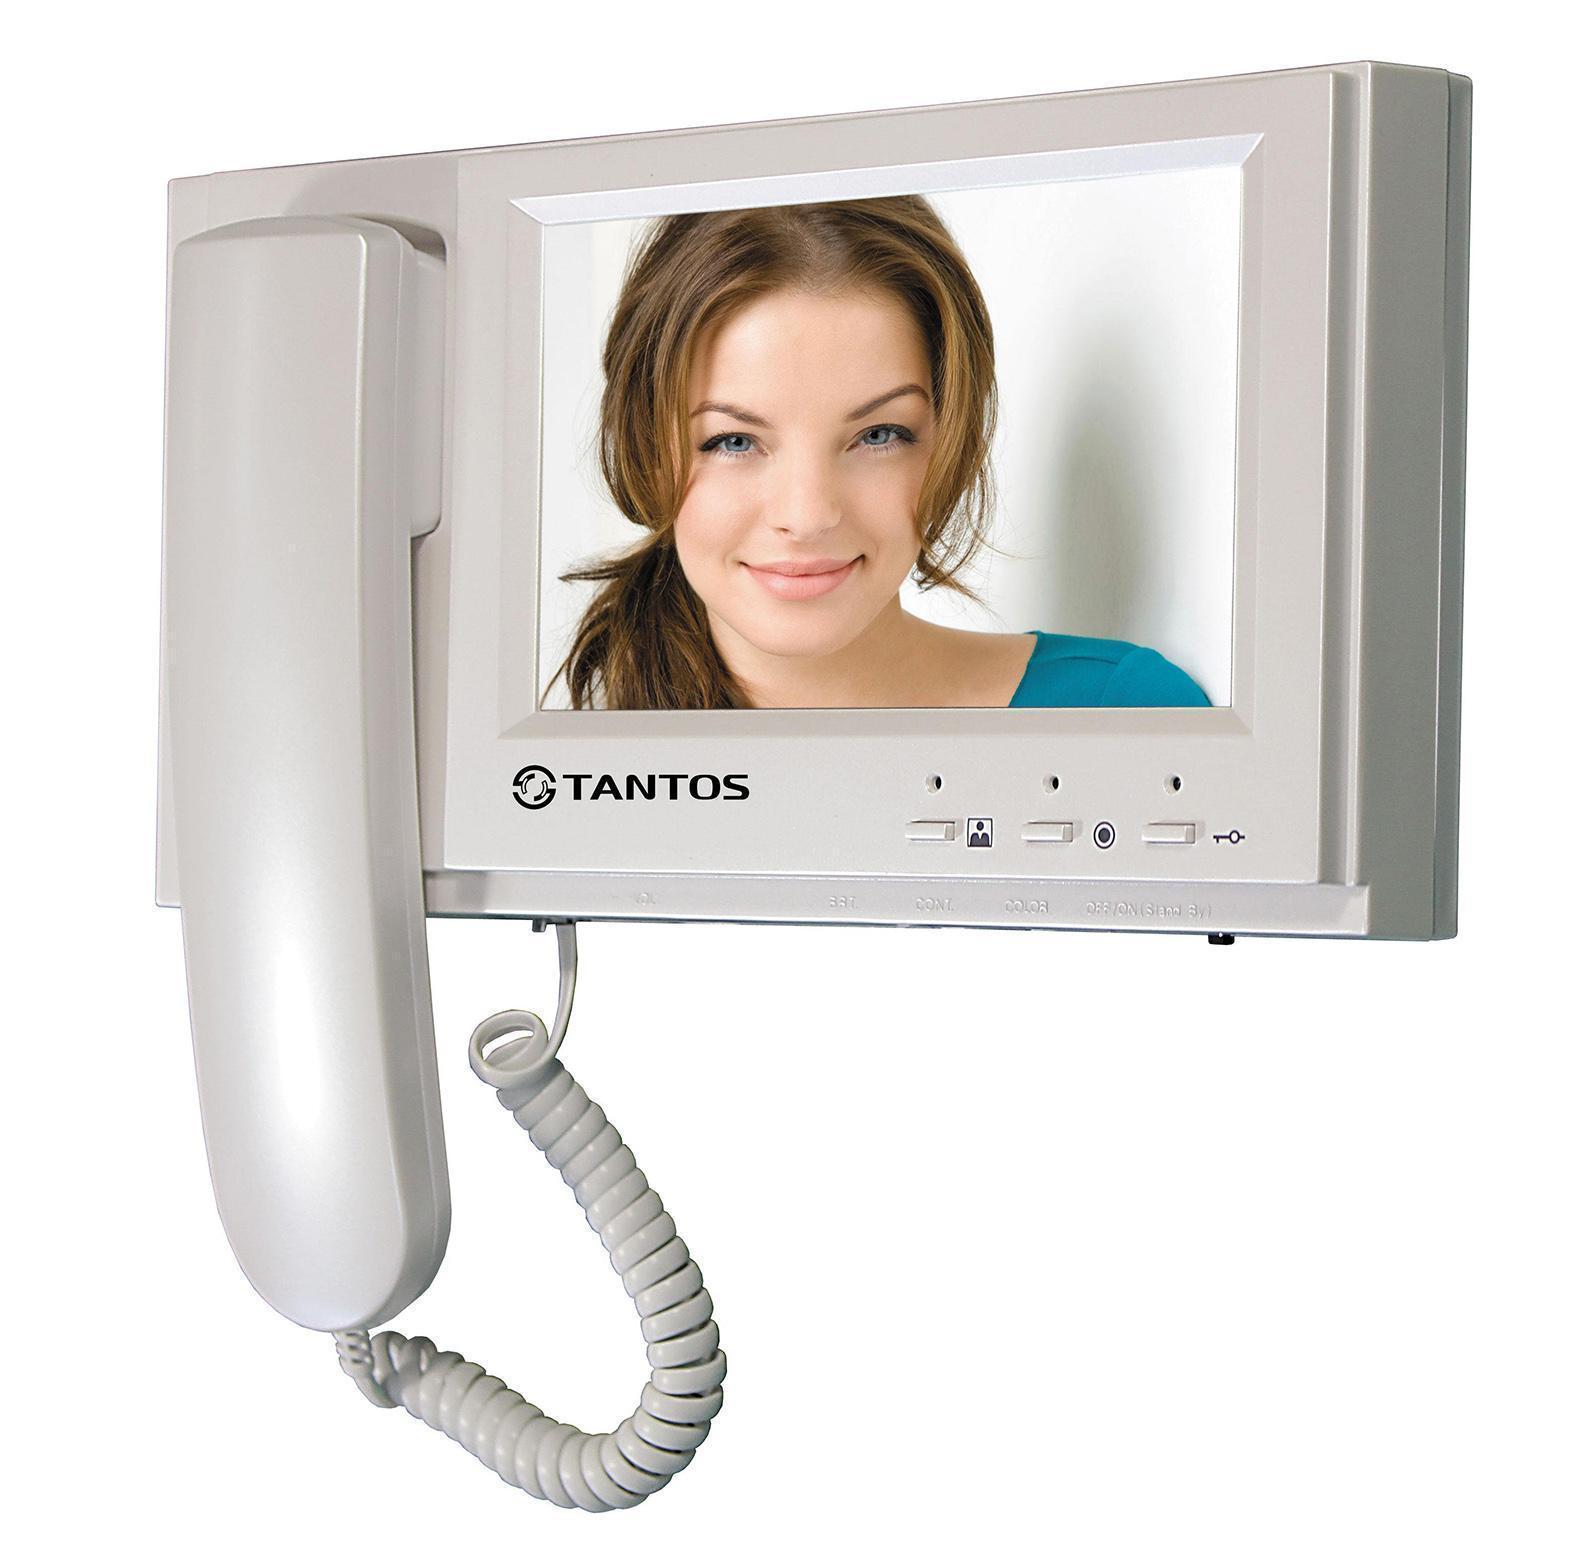 Tantos Loki - SD, White монитор домофона00-00016179Классический вариант монитора 7 дюймов с трубкой и записью кадров на SD карту. Ничего лишнего, идеальный вариант дляофиса или квартиры с пожилыми людьми. Видеодомофон позволяет осуществлять внутреннюю видеосвязь между абонентами жилого помещения. Предназначен для возможности дистанционного наблюдения пространства перед входной дверью и организации двухсторонней аудио связи с посетителем. К монитору подключаются все самые распространенные вызывные панели отечественных и зарубежных производителей. Соединение с панелями 4-х проводное. Так же возможно подключение дополнительного оборудования: видеокамеры, вызывные панели или мониторы. Это поможет Вам с максимальной эффективностью построить современную систему видеонаблюдения на базе видеодомофона Loki - SD. Вся информация записывается на съемную карту памяти стандарта SD емкостью до 32 Гб.